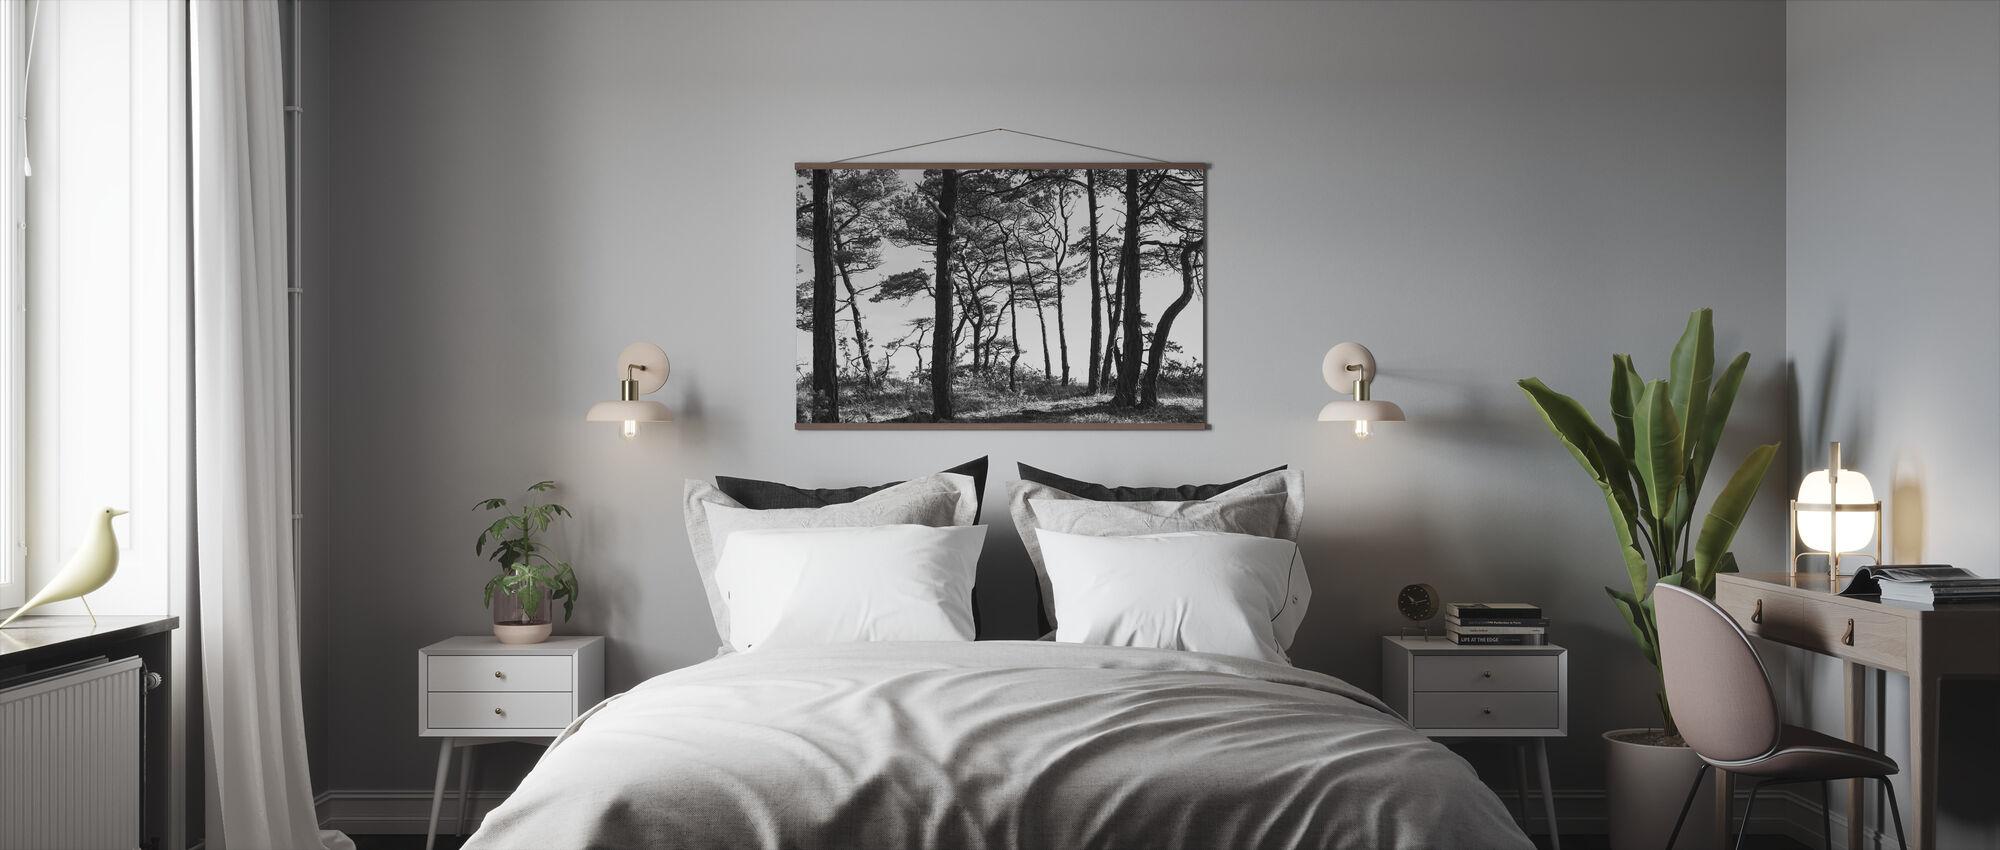 Black Pine Forest, preto e branco - Póster - Dormitorio